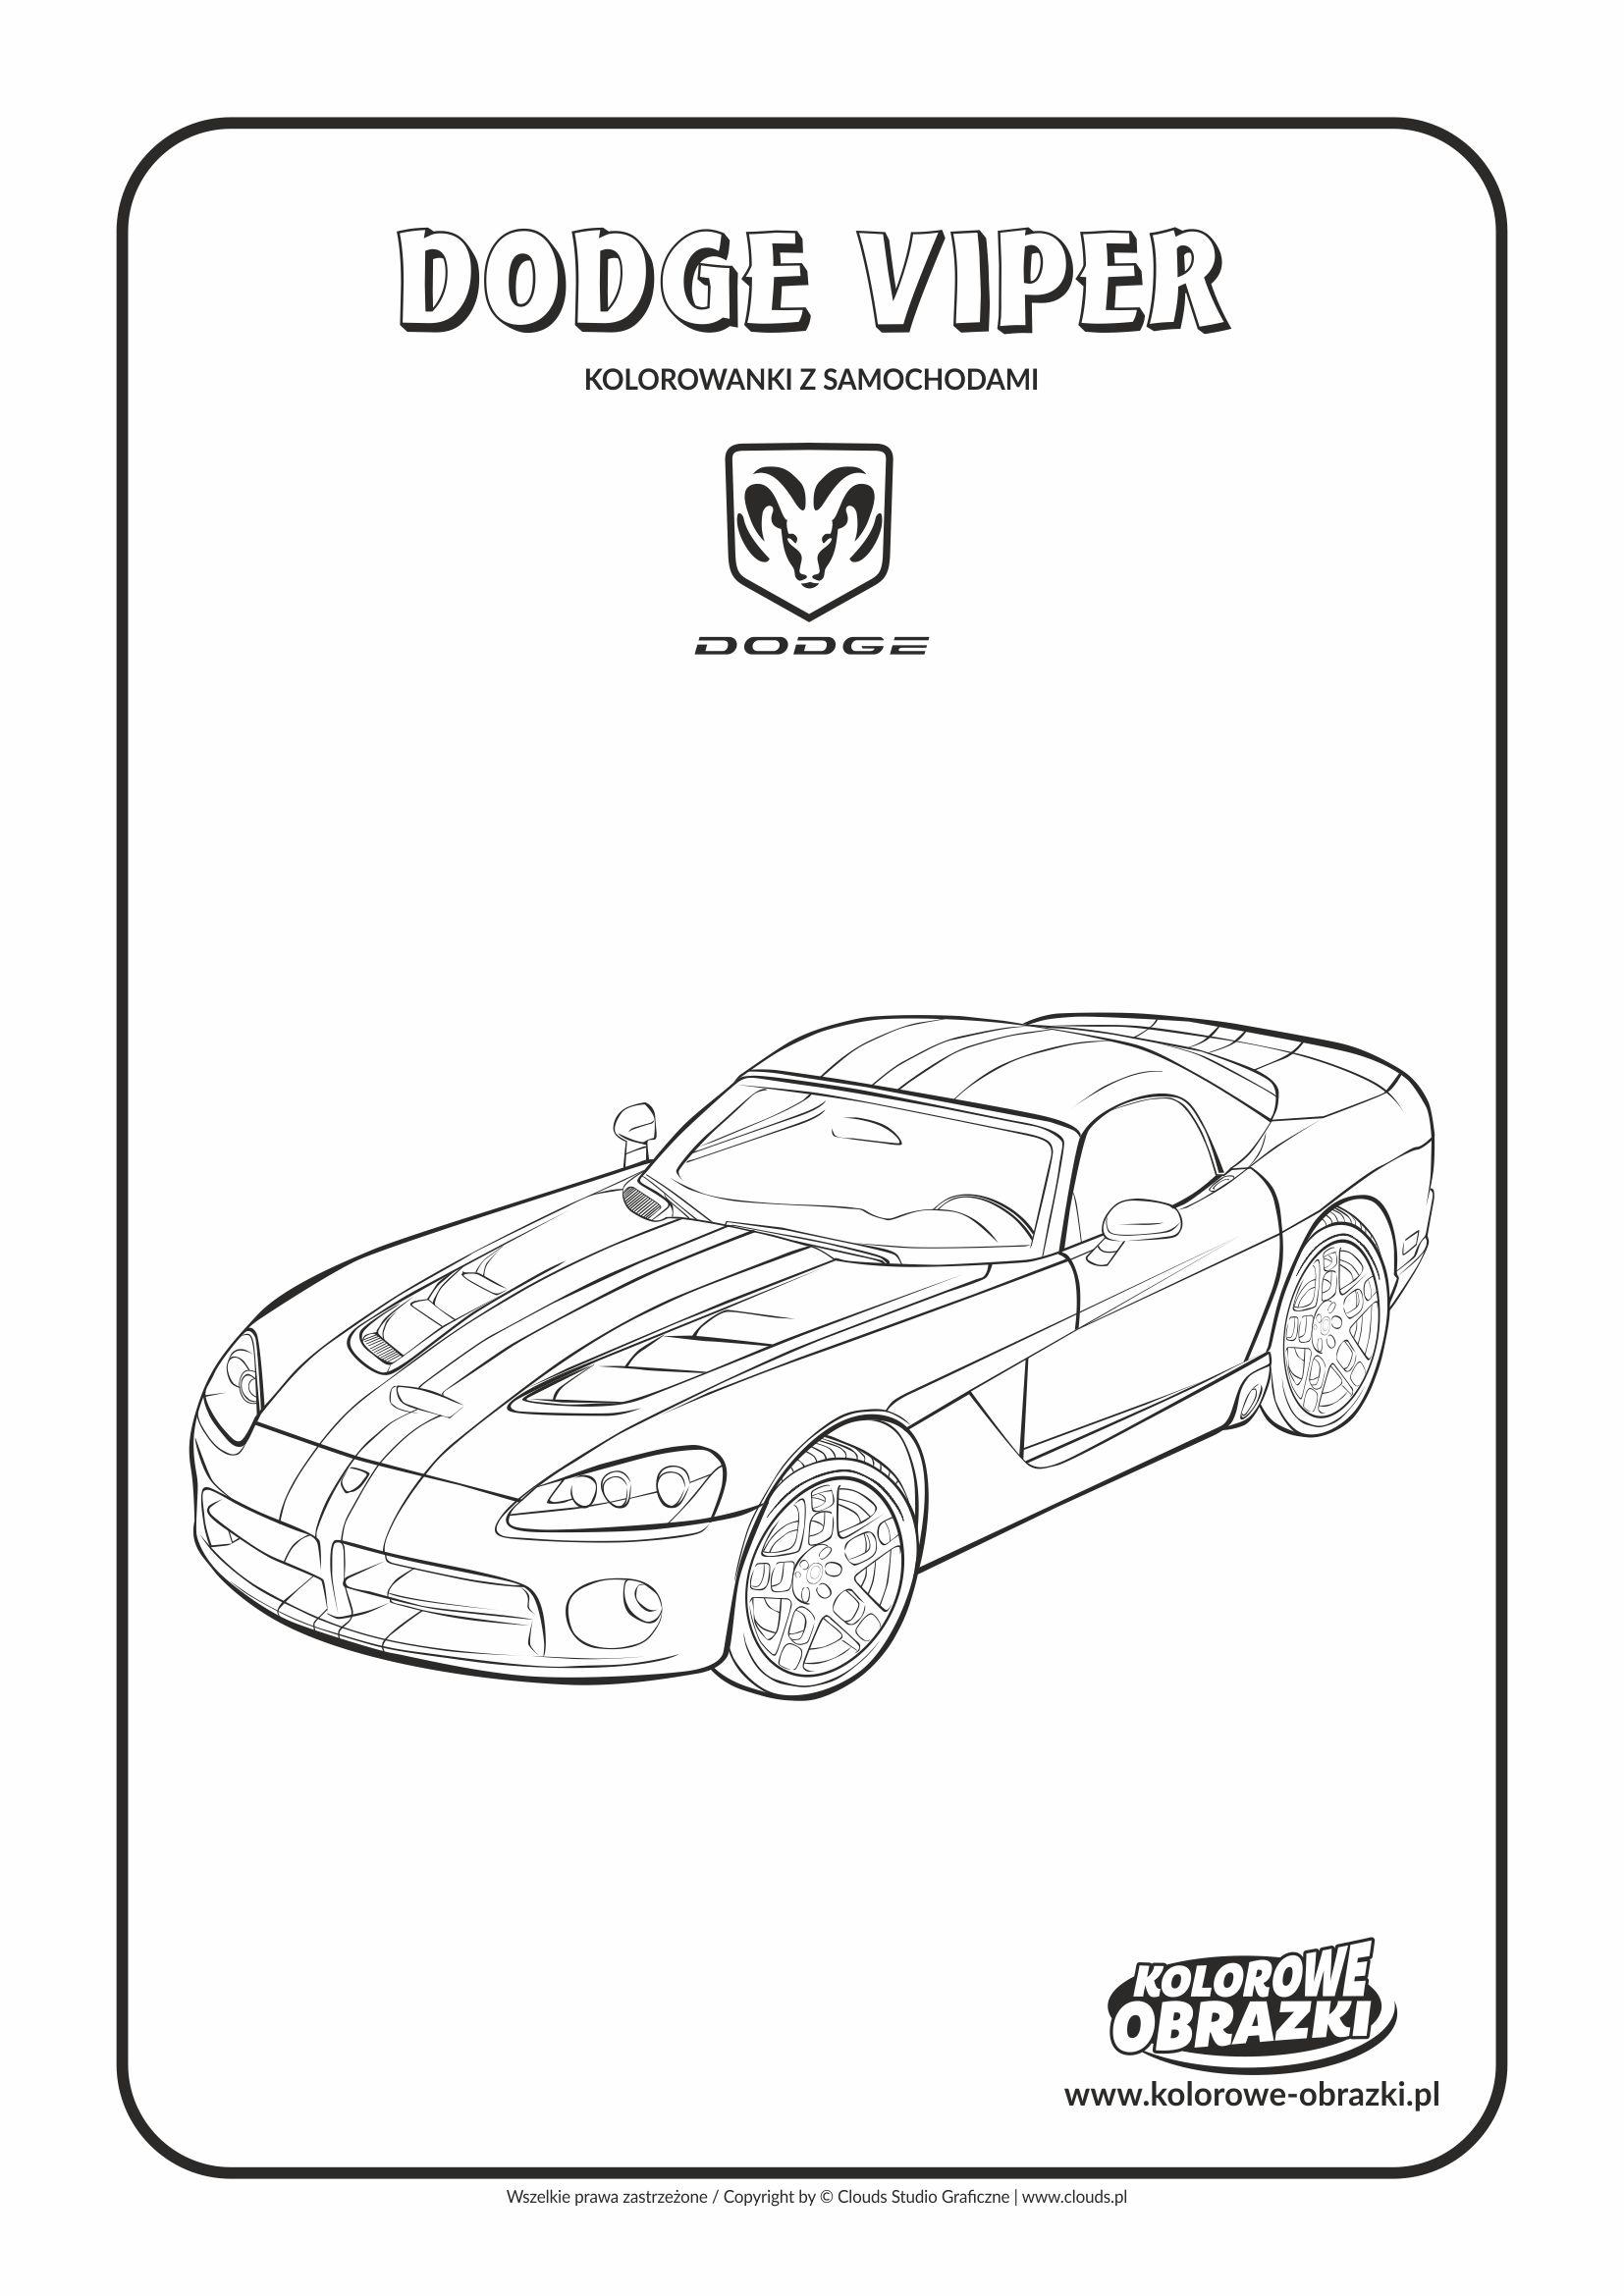 Kolorowanki dla dzieci - Pojazdy / Dodge Viper. Kolorowanka z Dodgem Viper